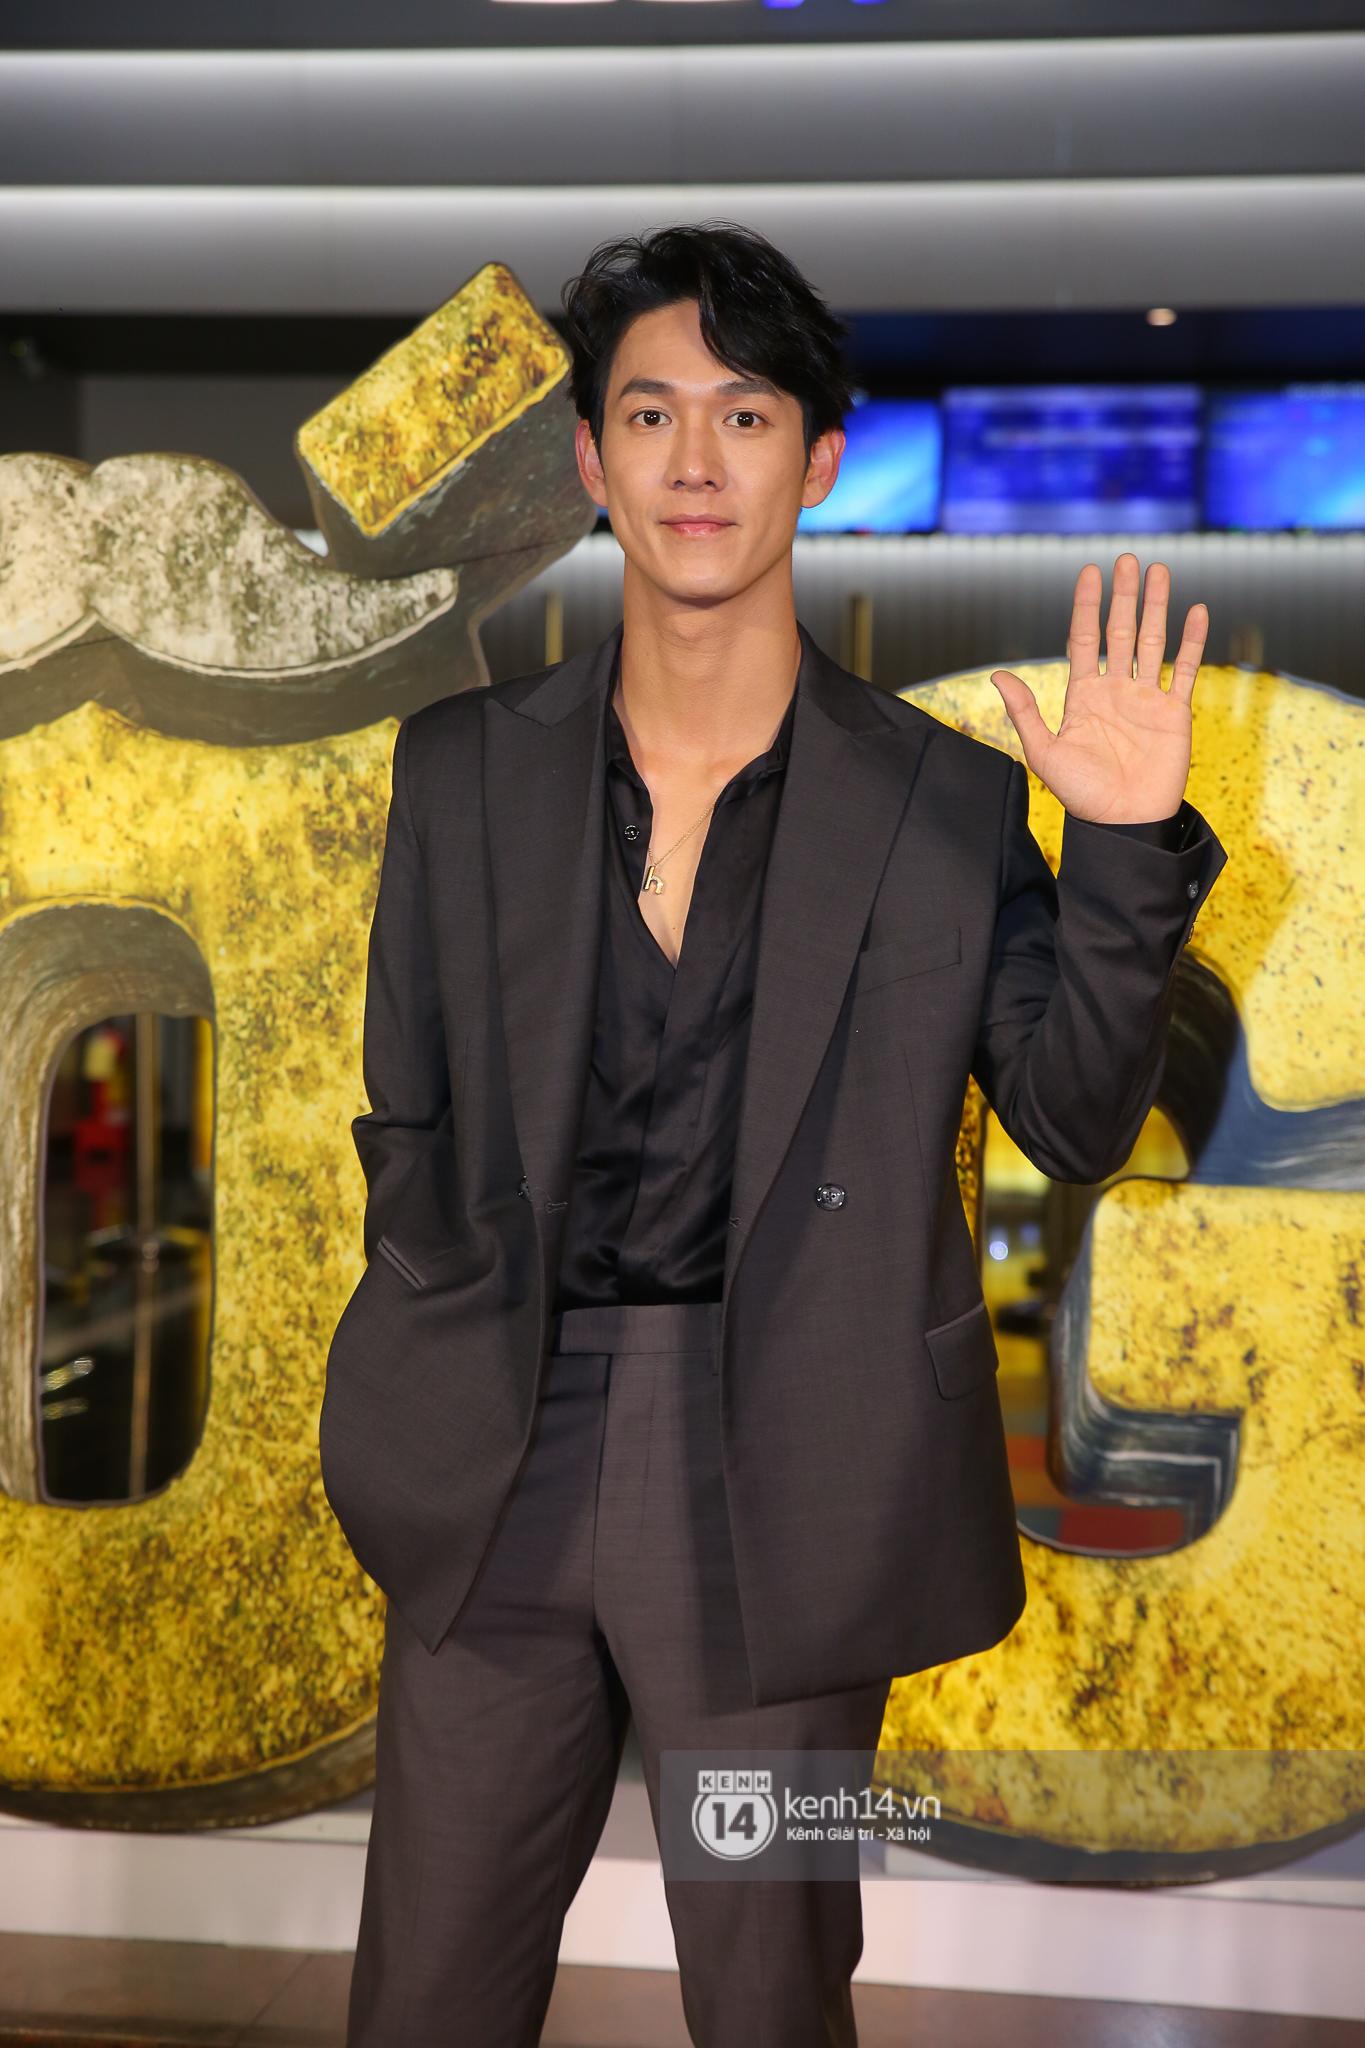 Cặp đôi nhà Đông Nhi, Lệ Quyên thi nhau show ân ái không kém cạnh Trấn Thành - Hariwon ở siêu thảm đỏ Bố Già - Ảnh 21.